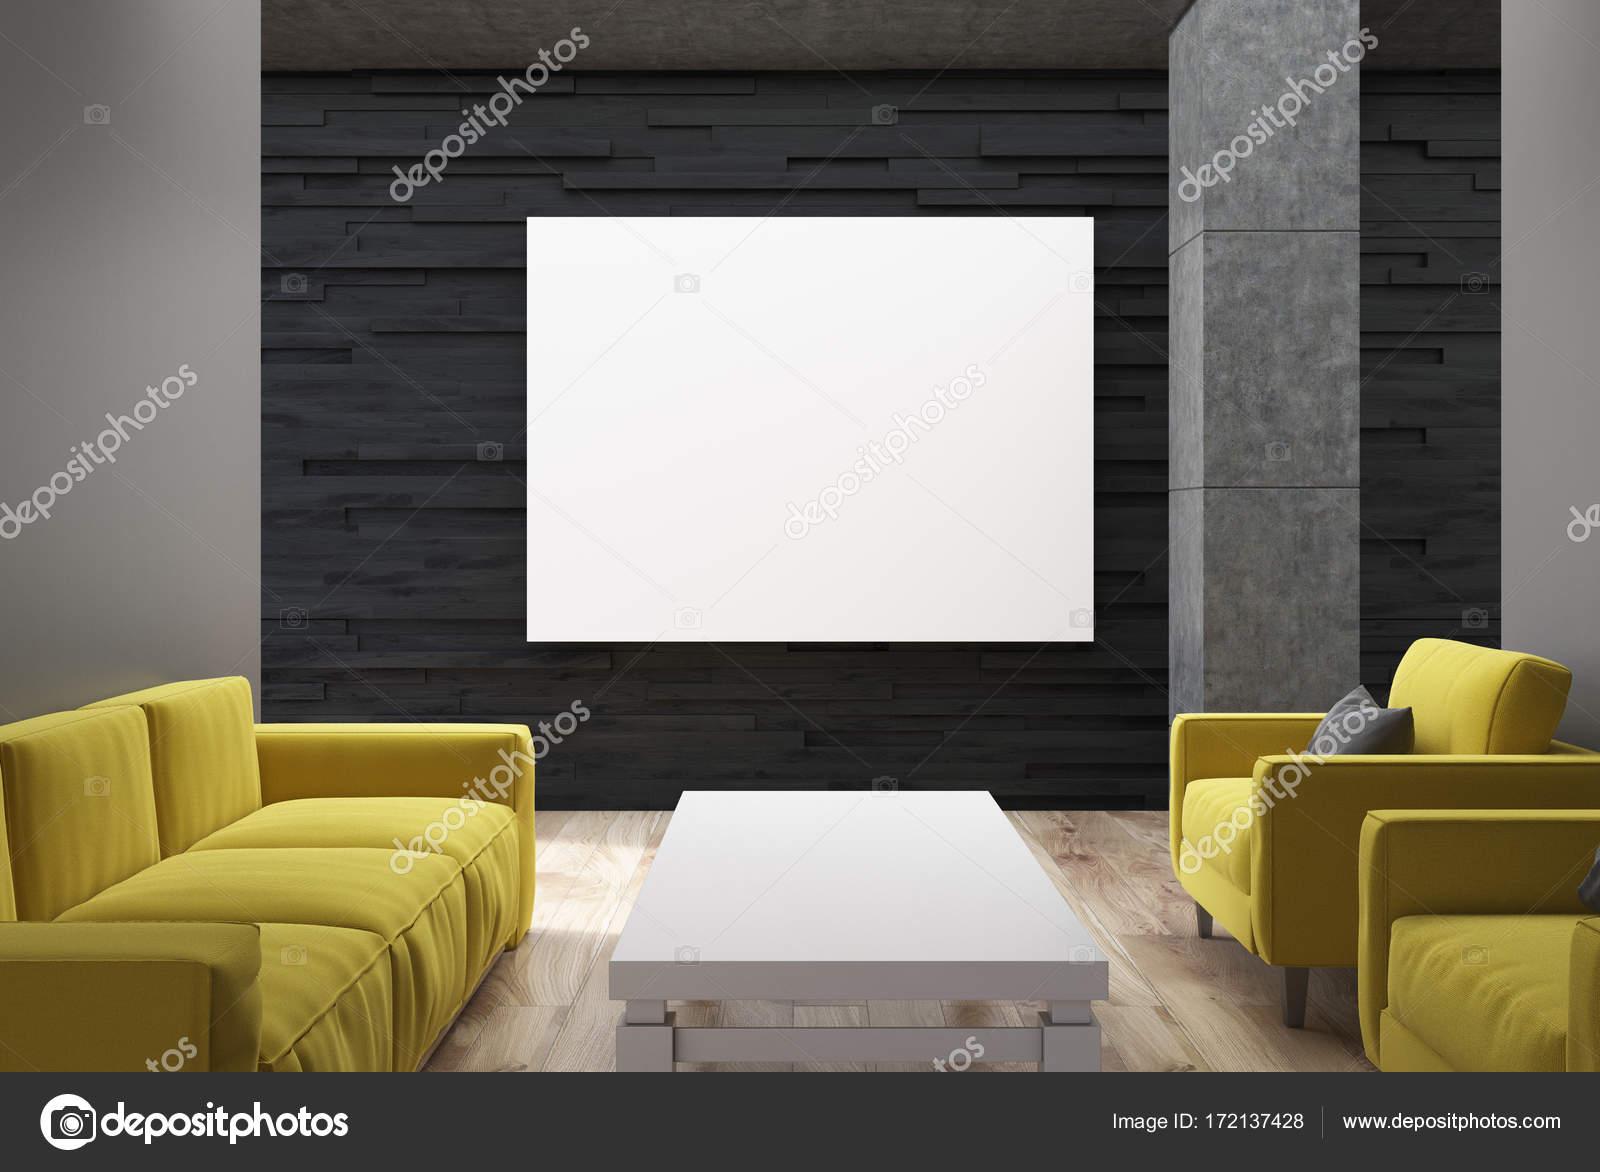 Schwarz, Wohnzimmer, gelbe Sofas, poster — Stockfoto ...